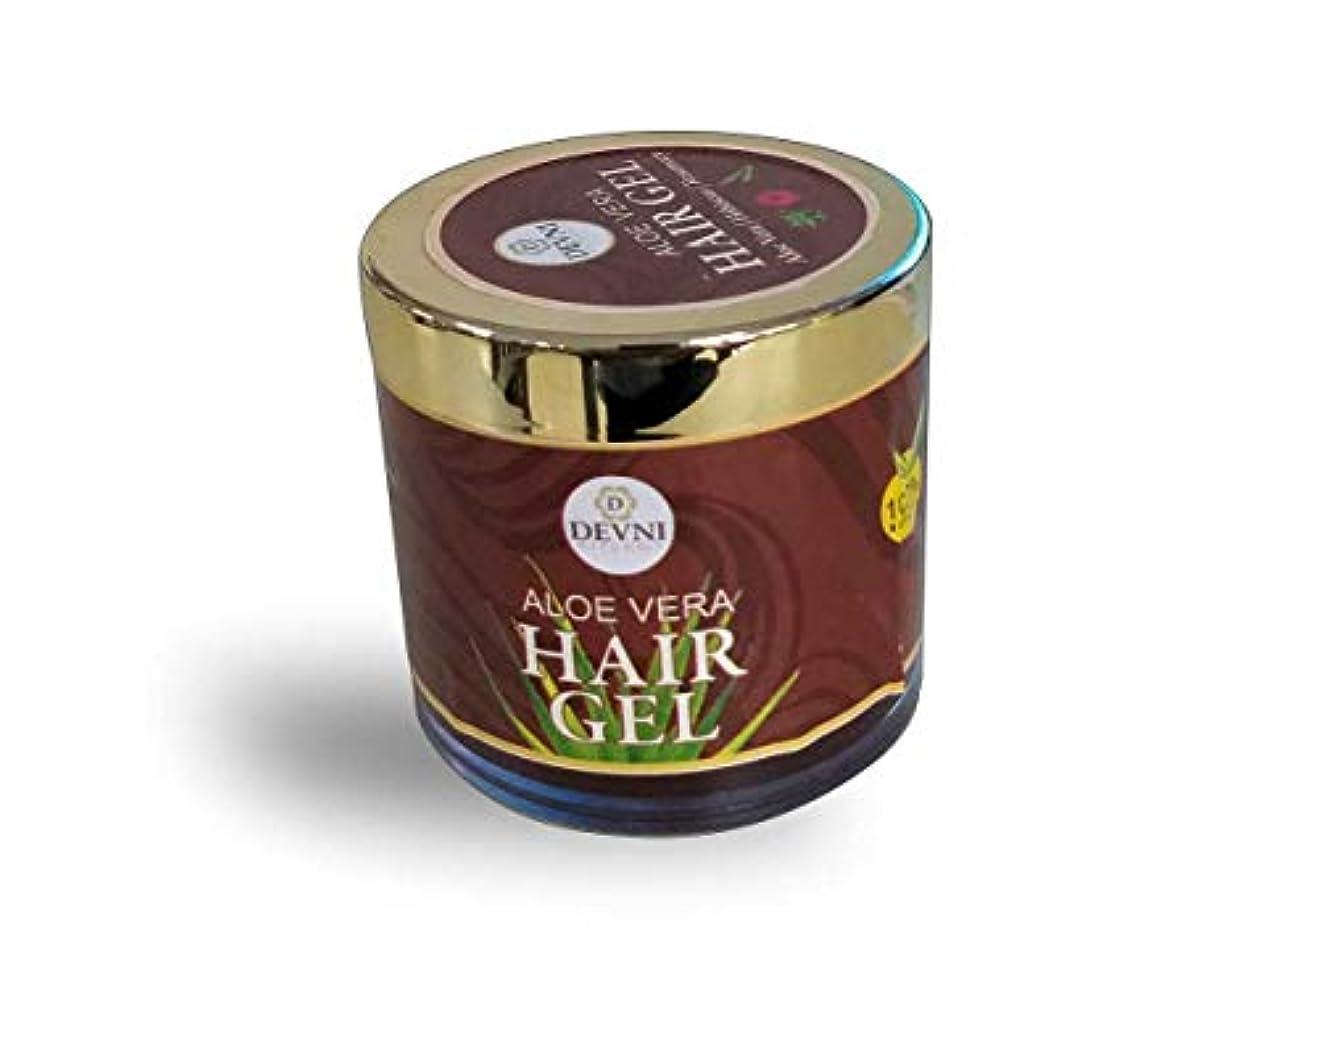 セッティング曲がった汚染Aloe Vera Hair Gel 100 gm - 100% natural Hair Gel for stronger Hair Growth - Promotes Scalp Health & Anti Hair...